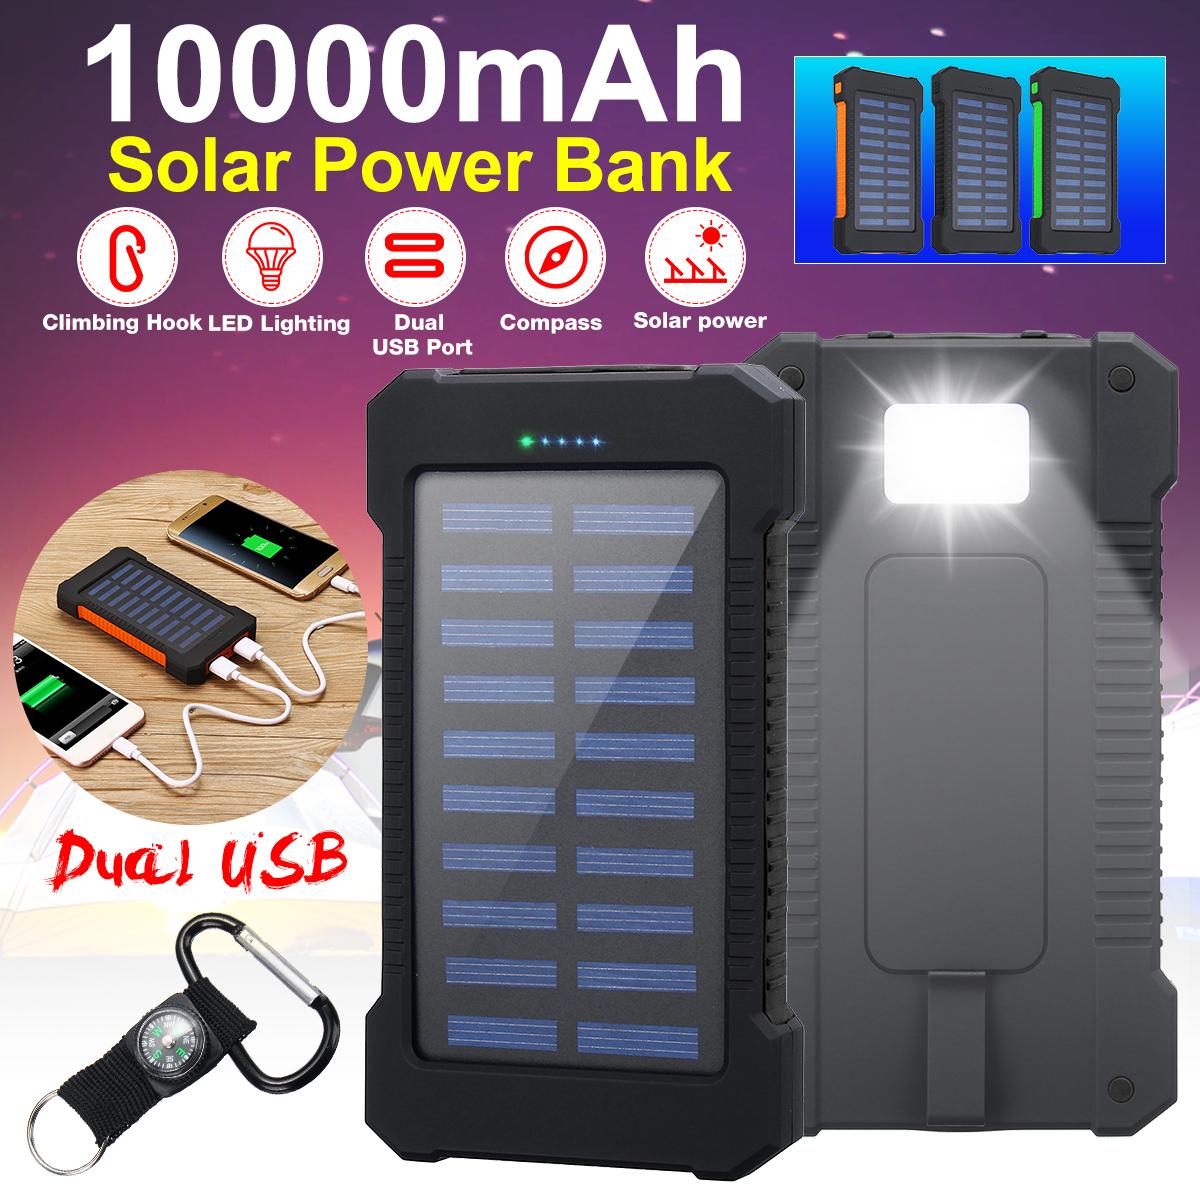 Crochet d'escalade de banque d'énergie solaire de chargeur de chargeur solaire Batterie imperméable de boussole de LED 6000mAh 2 USB